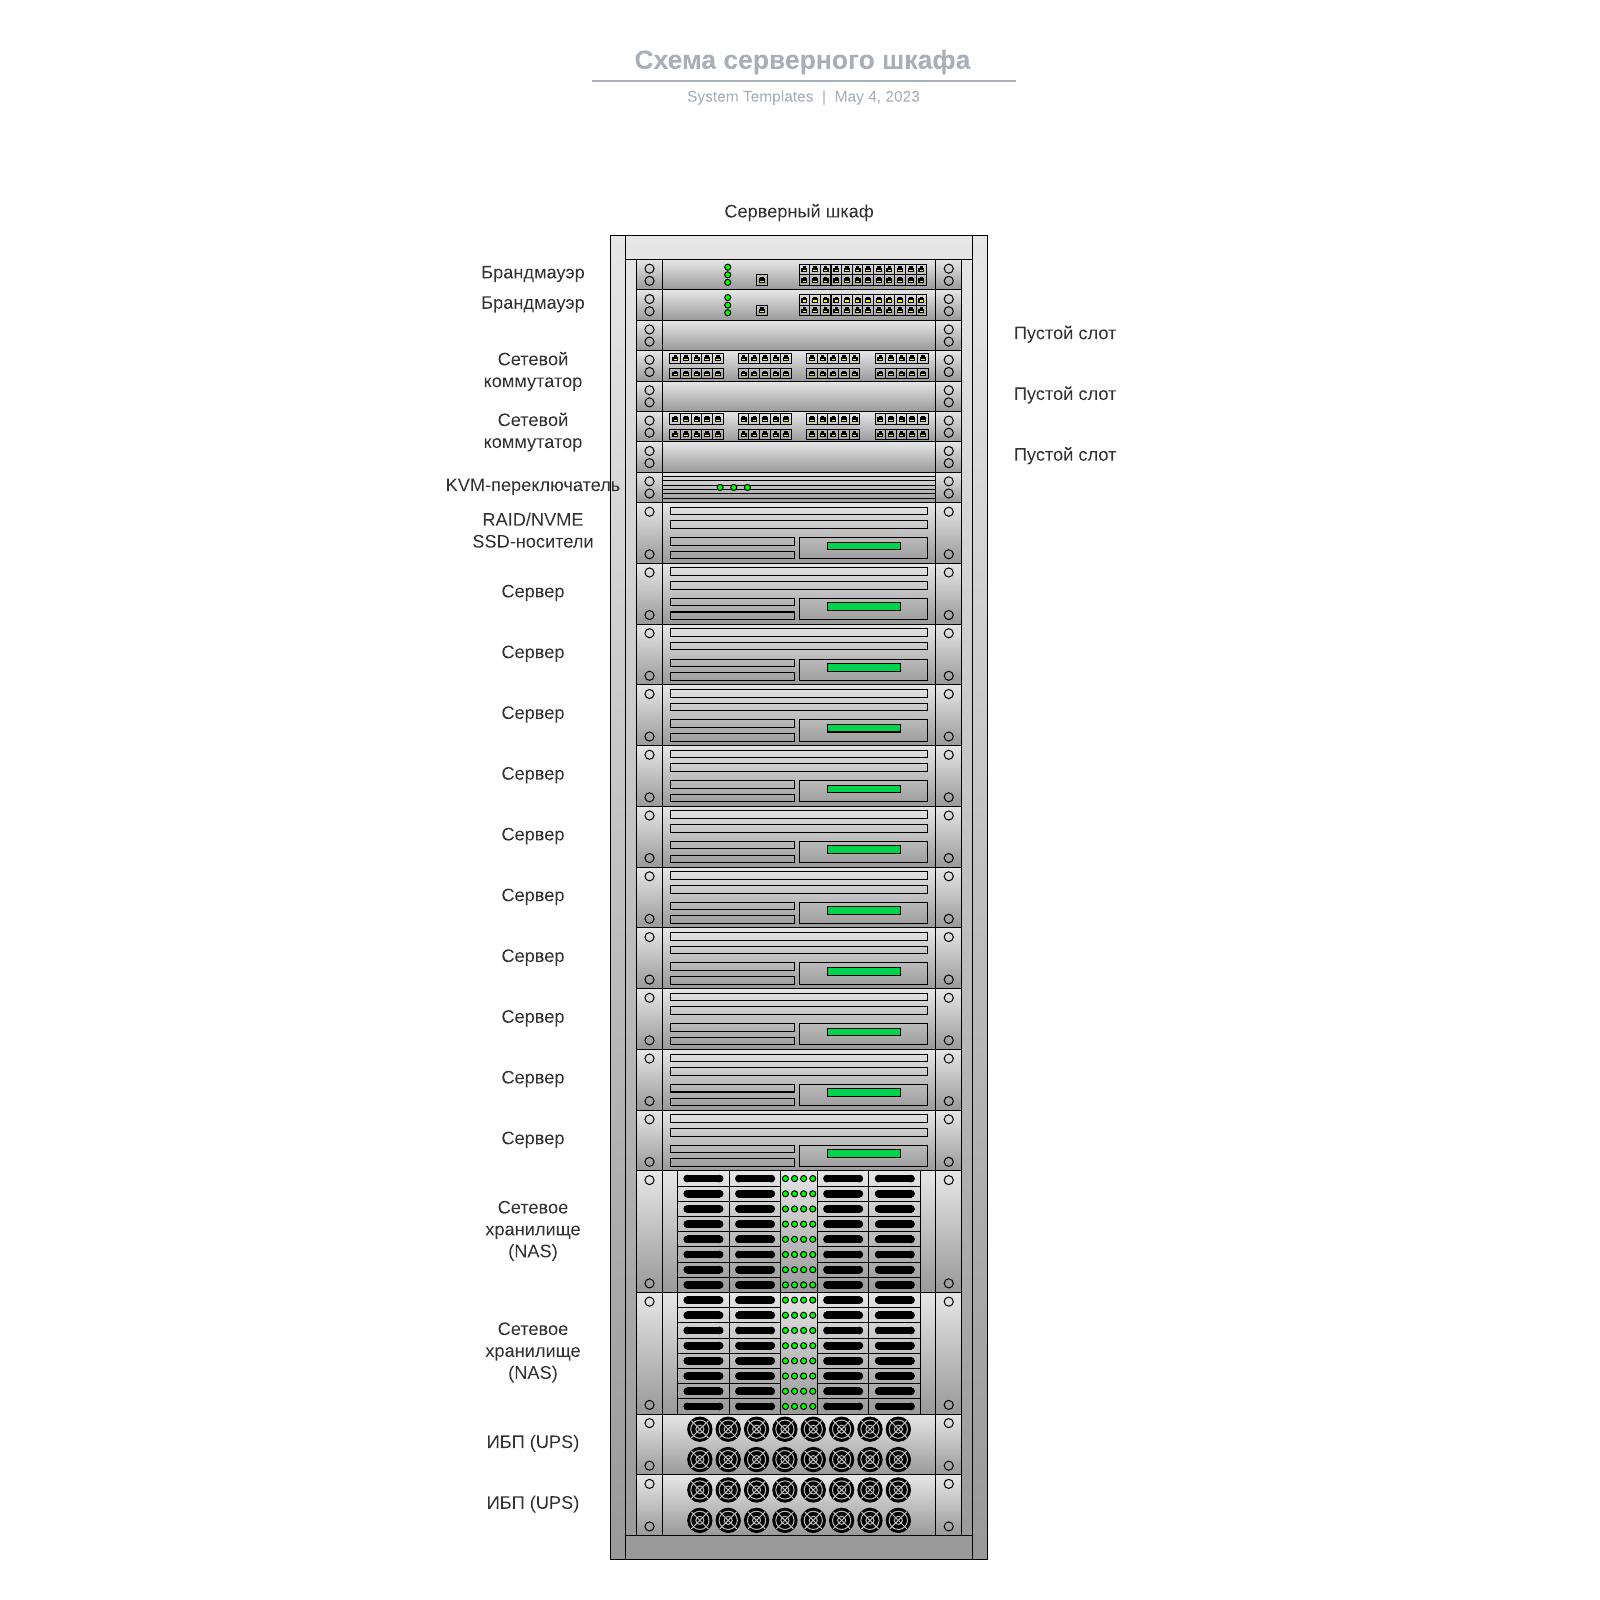 Схема серверного шкафа